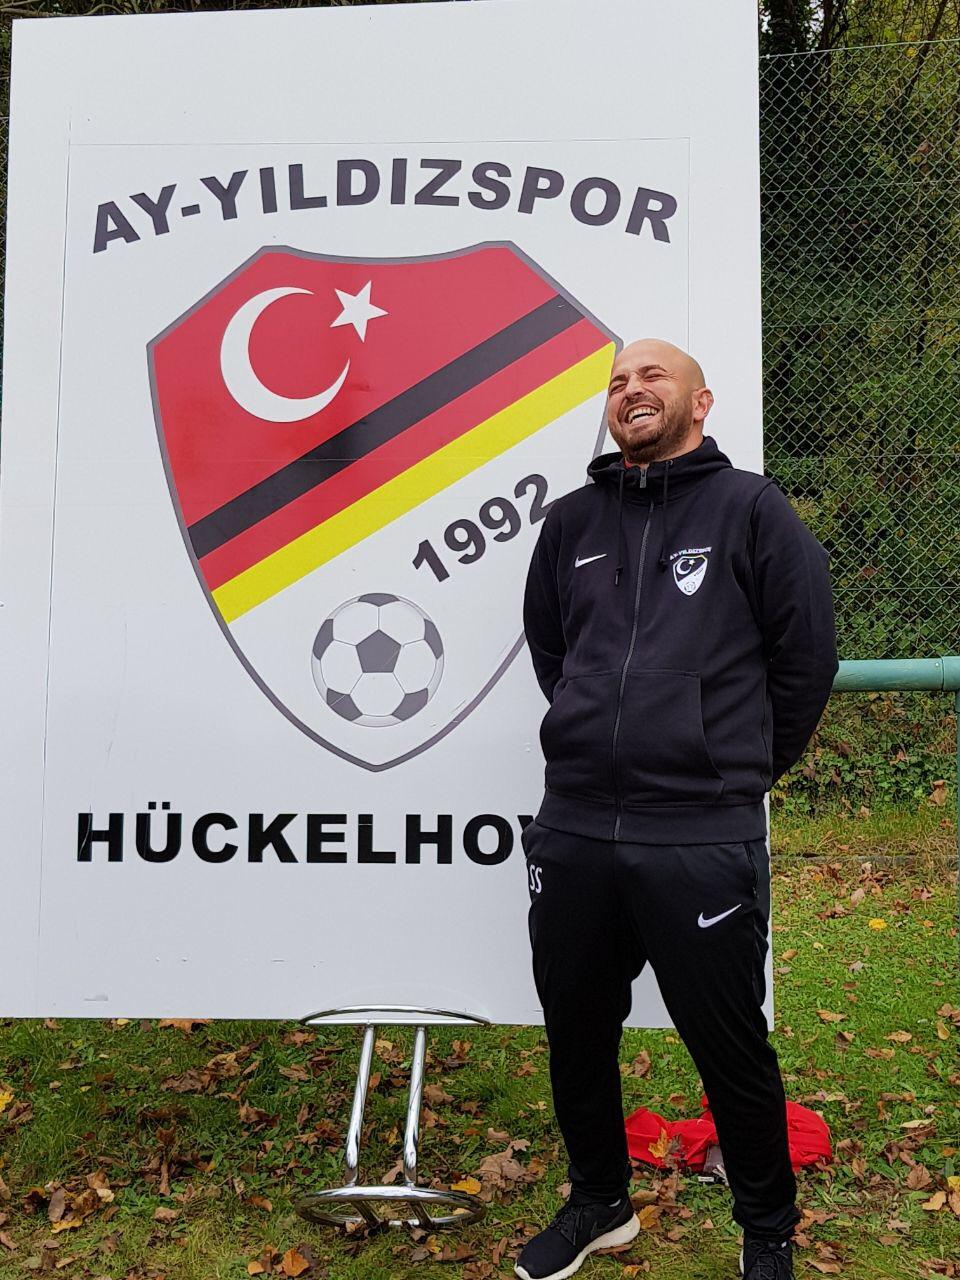 Ay-Yildizspor E1 Junioren mit glücklichem Trainer